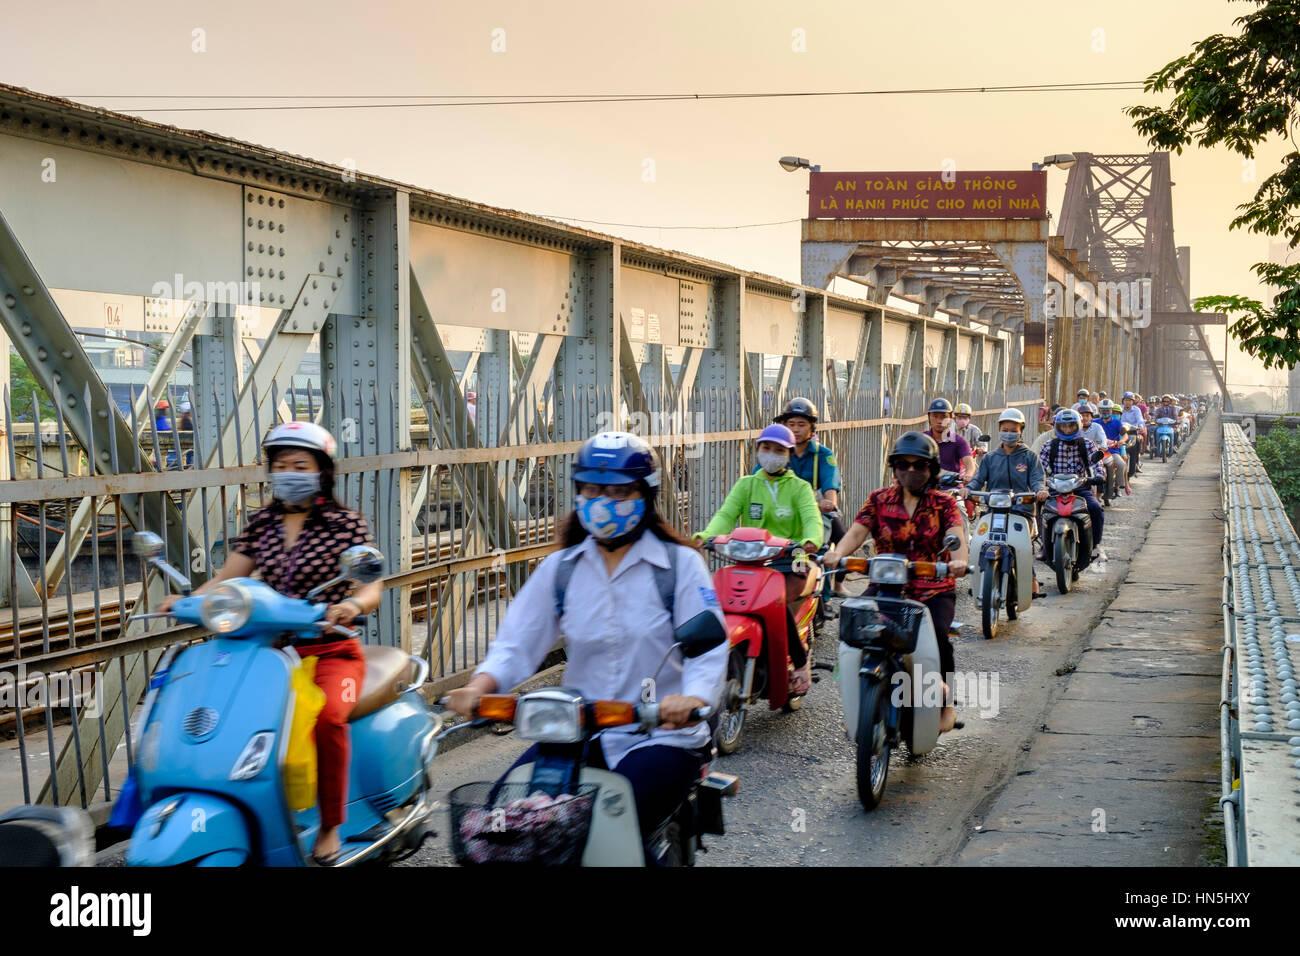 Des trains de banlieue sur la passerelle piétonne du pont en porte-à-faux Long Bien, Hanoi, Vietnam Photo Stock